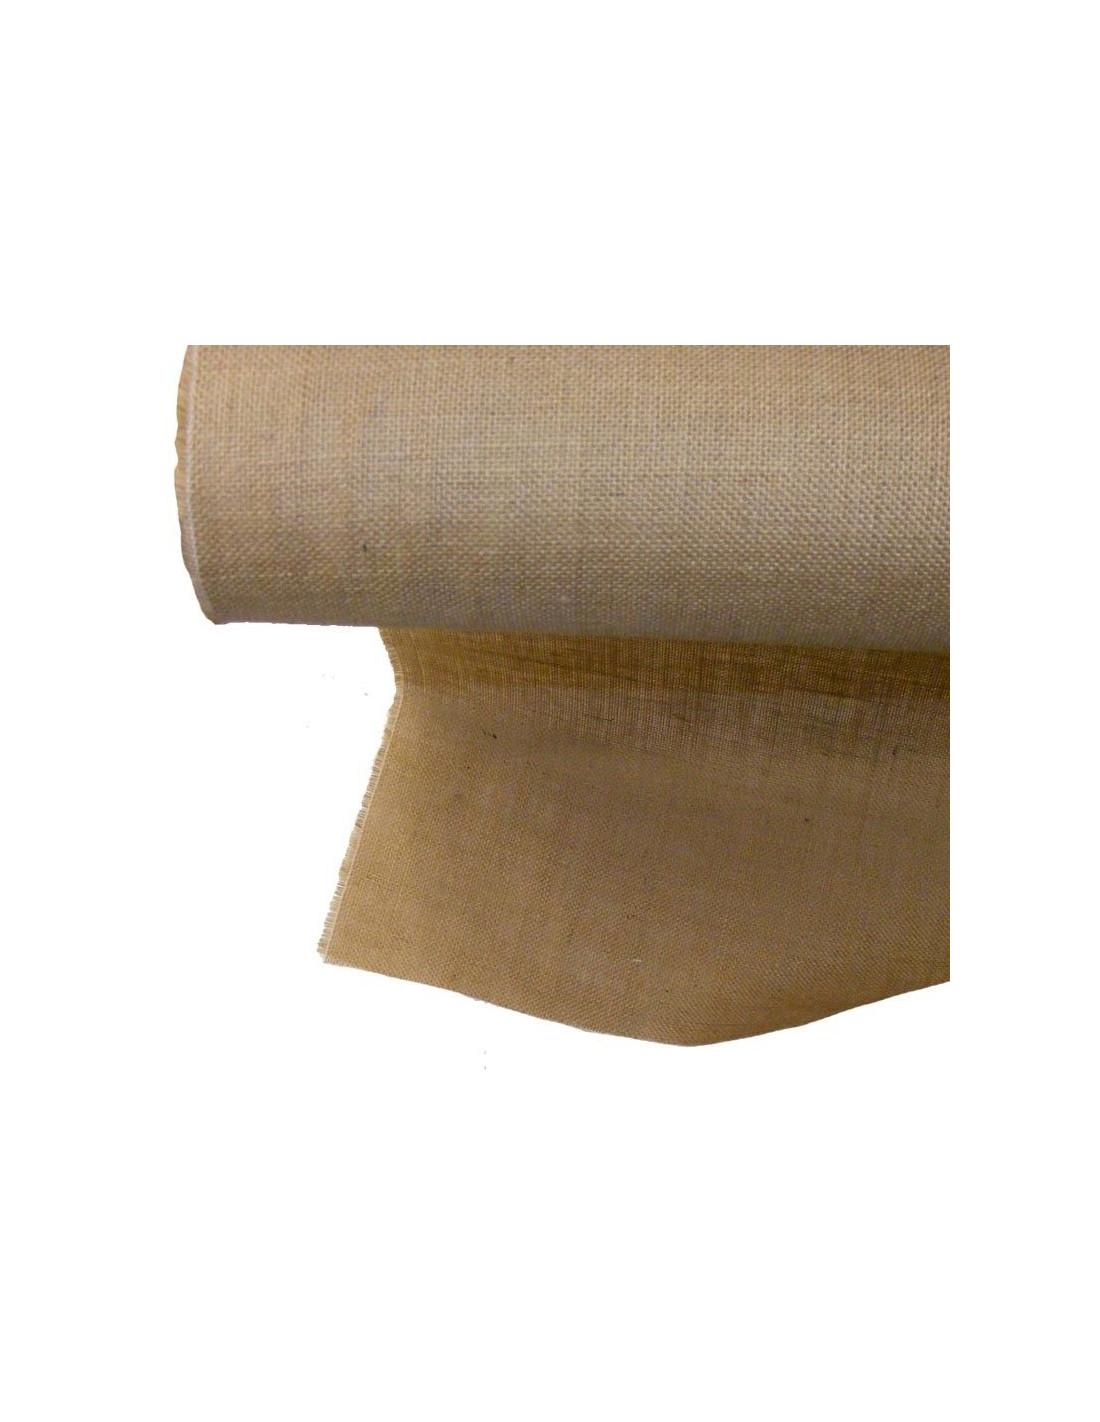 Tela de saco comprar tela de saco o arpillera en - Tela de saco ...